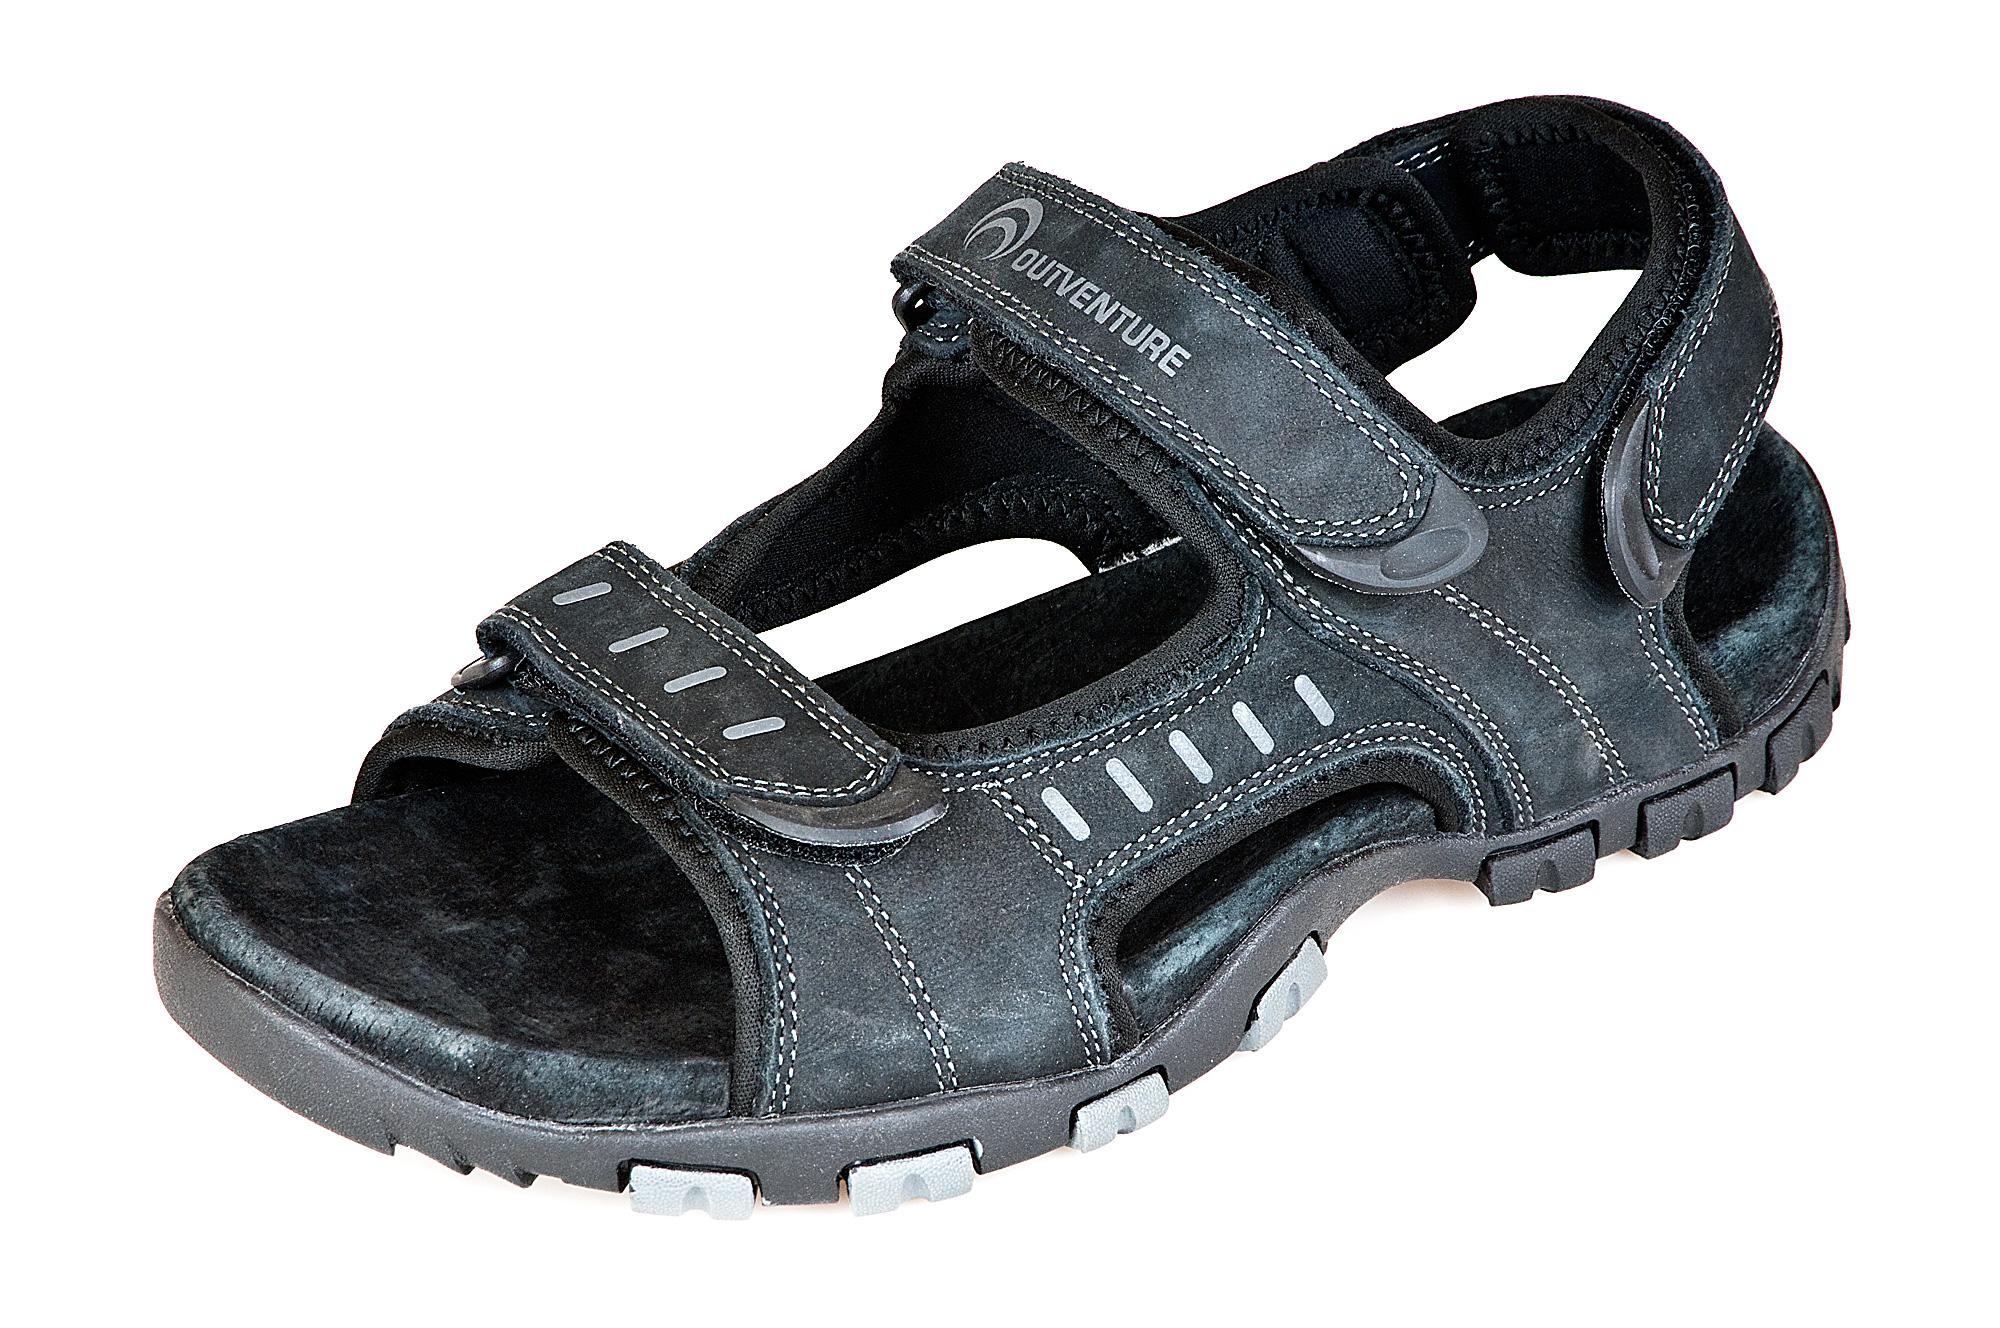 Outventure Jurmala mens sandals